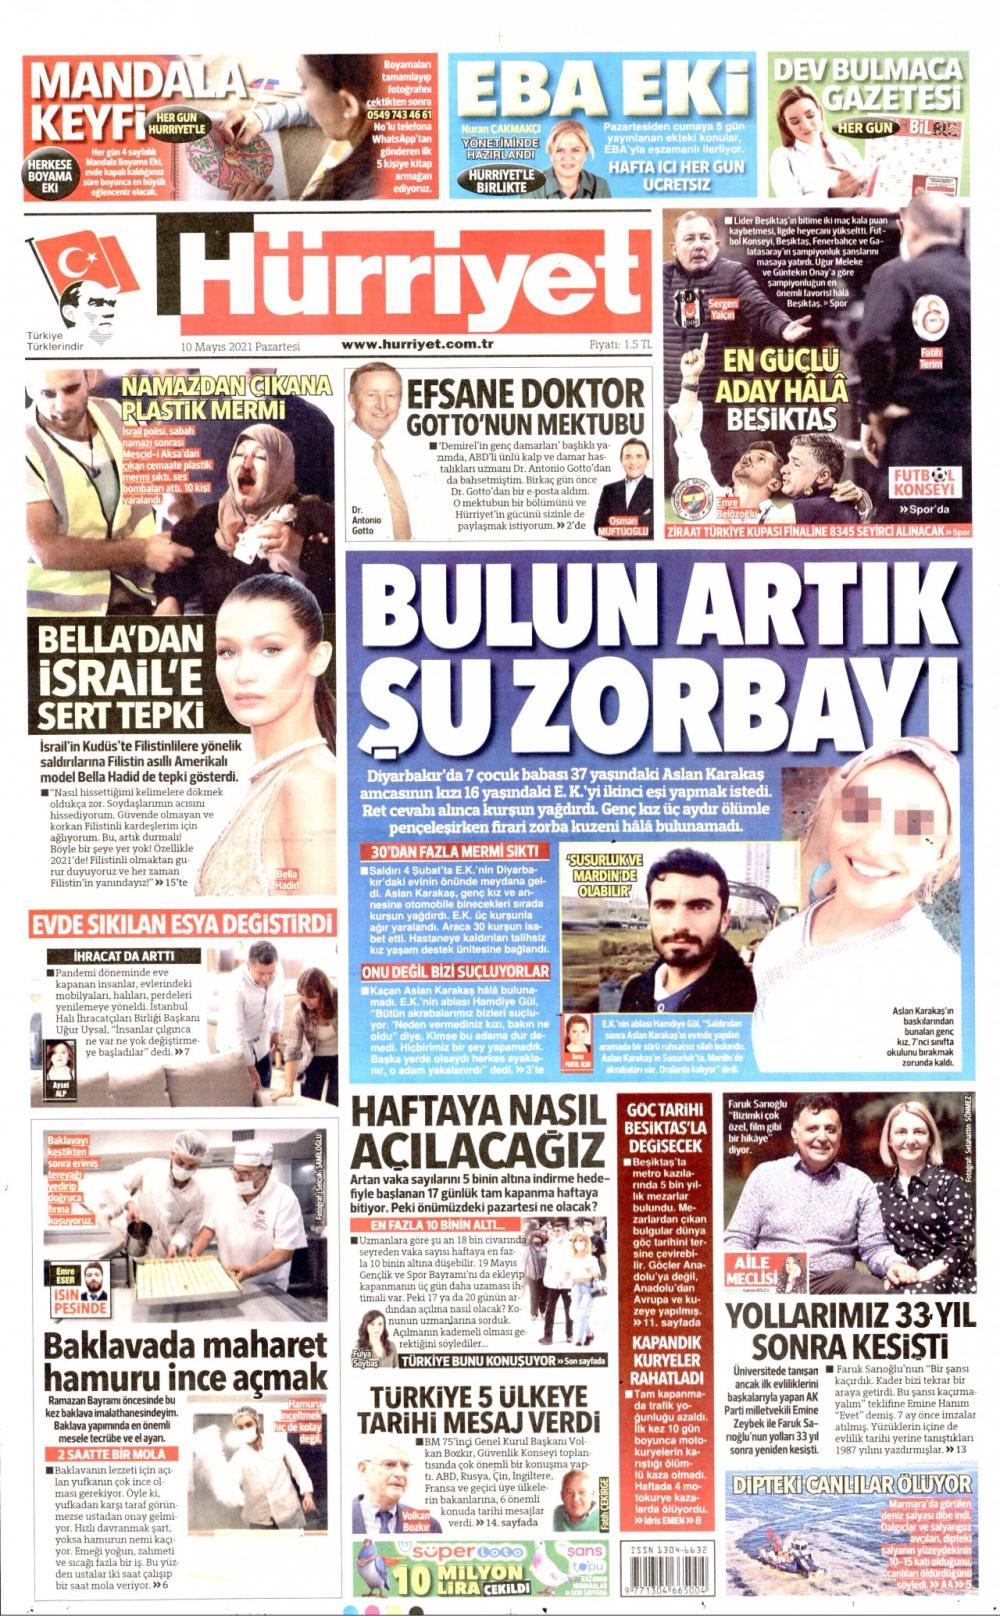 Günün Gazete Manşetleri 10 Mayıs 2021 Gazeteler Ne Diyor? 1